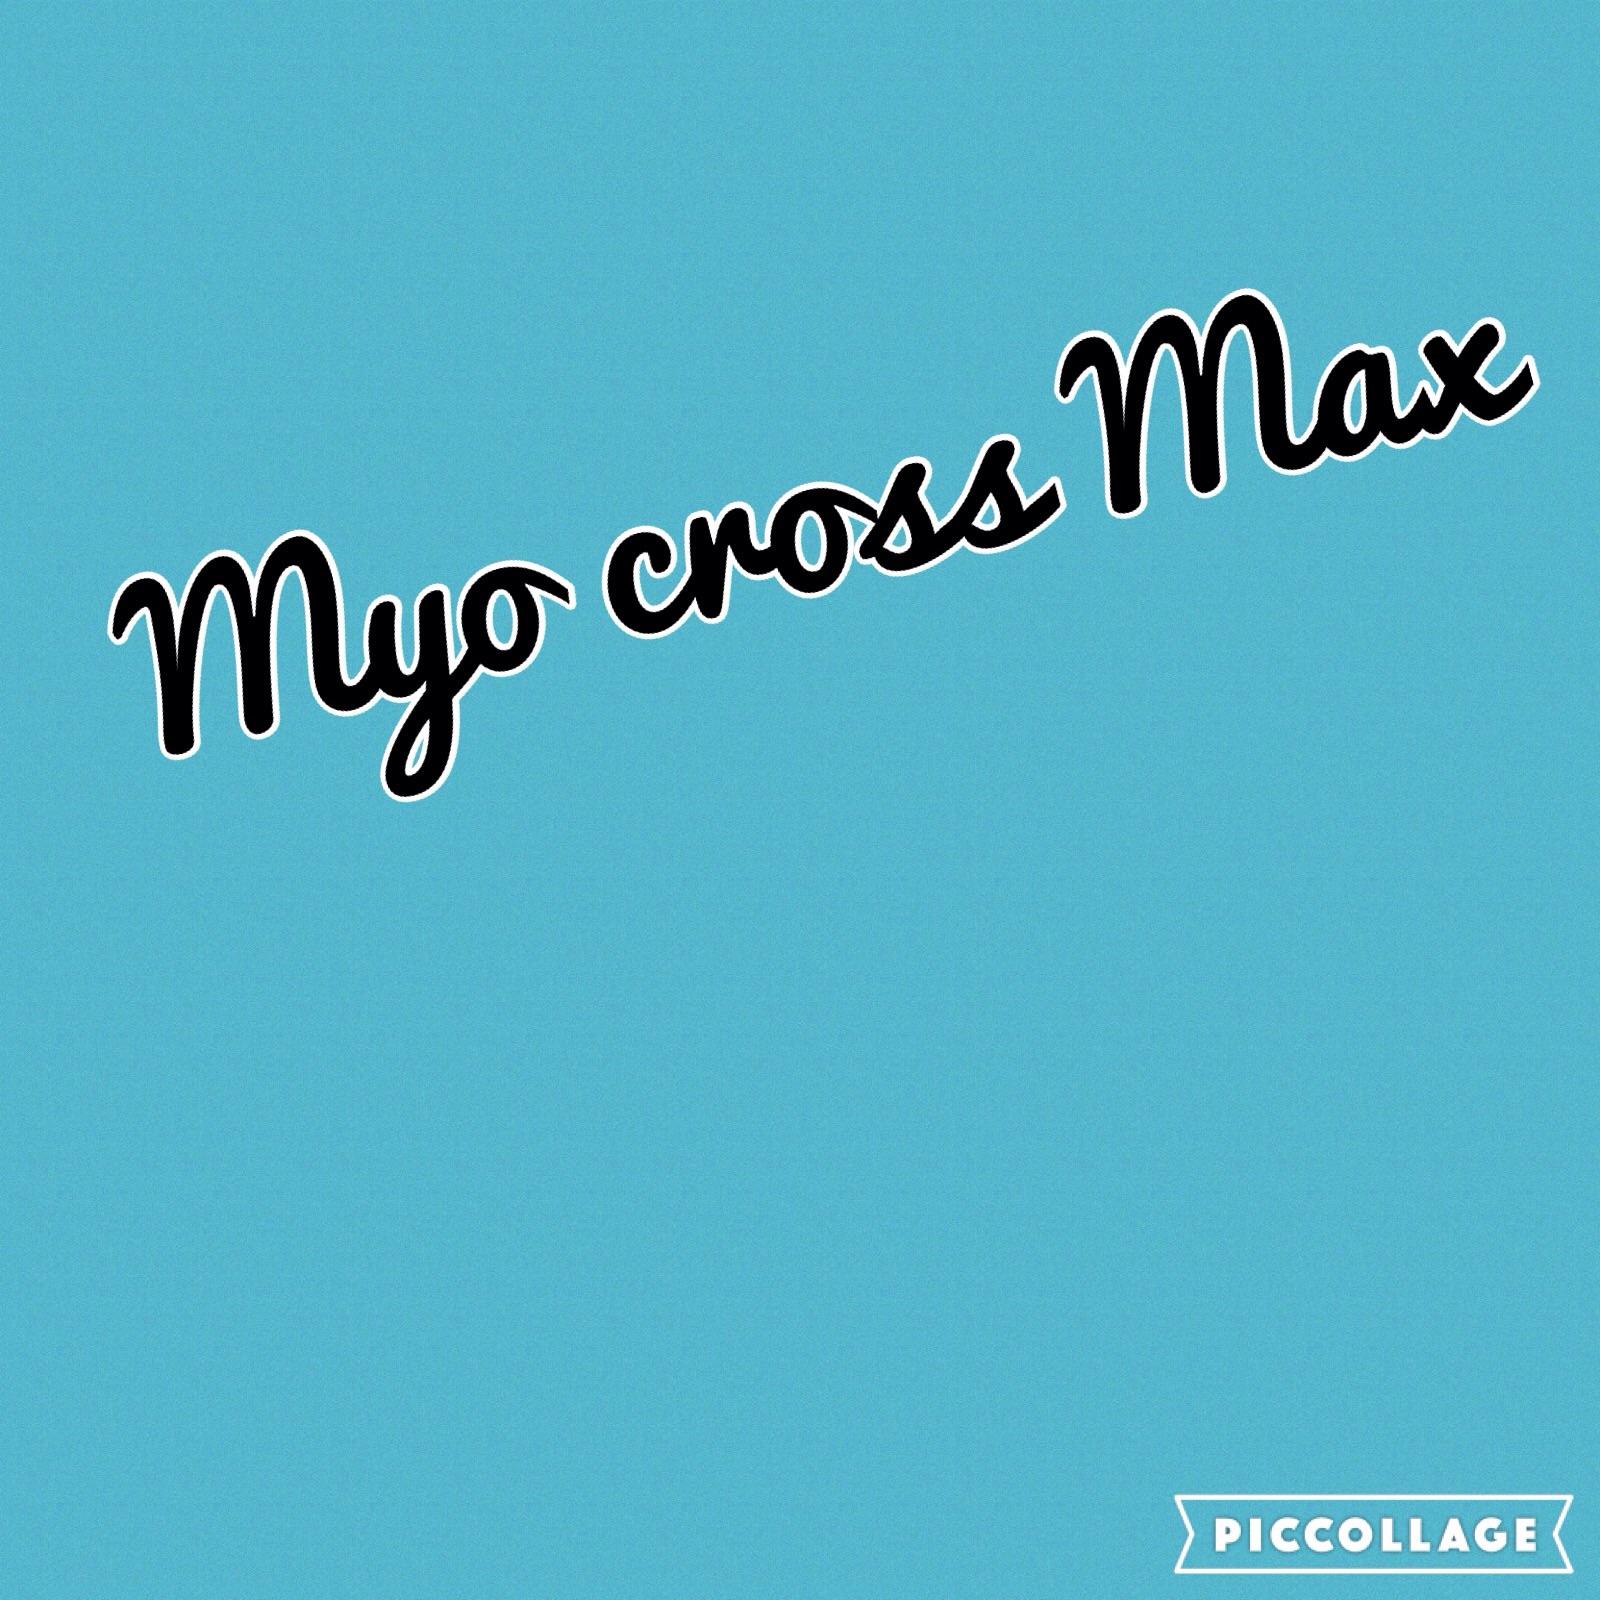 Myo Cross Max